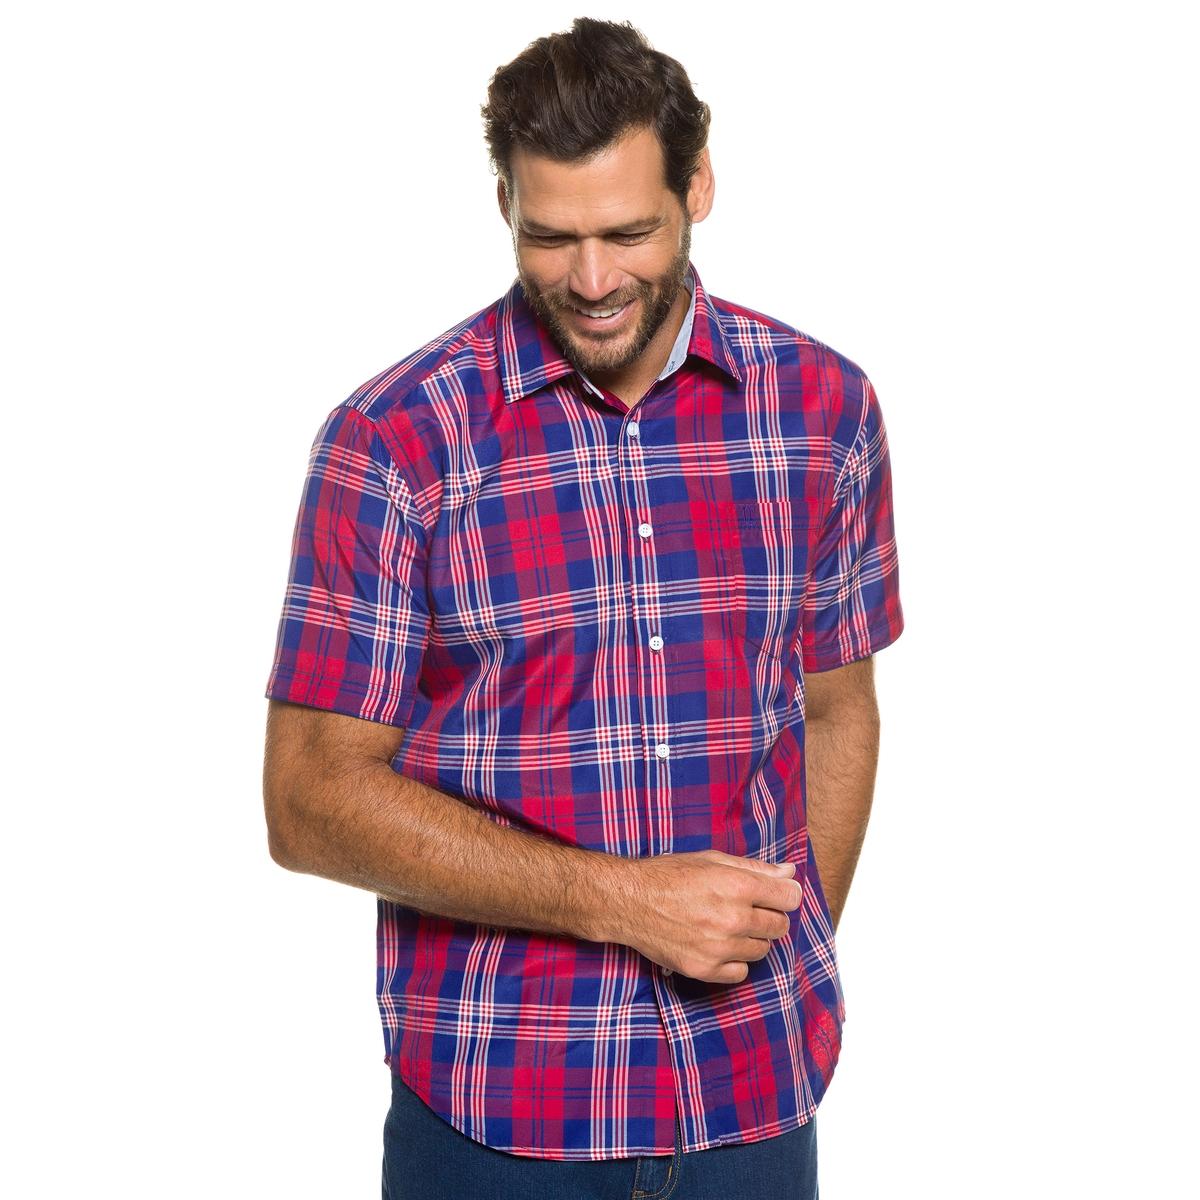 РубашкаРубашка в клетку JP1880 с короткими рукавами. Воротник кент, внутренняя поверхность воротника в клетку оксфорд. Слегка приталенный покрой, рубашку можно носить навыпуск. 100% хлопок. Длина в зависимости от размера. 78-94 см<br><br>Цвет: в клетку